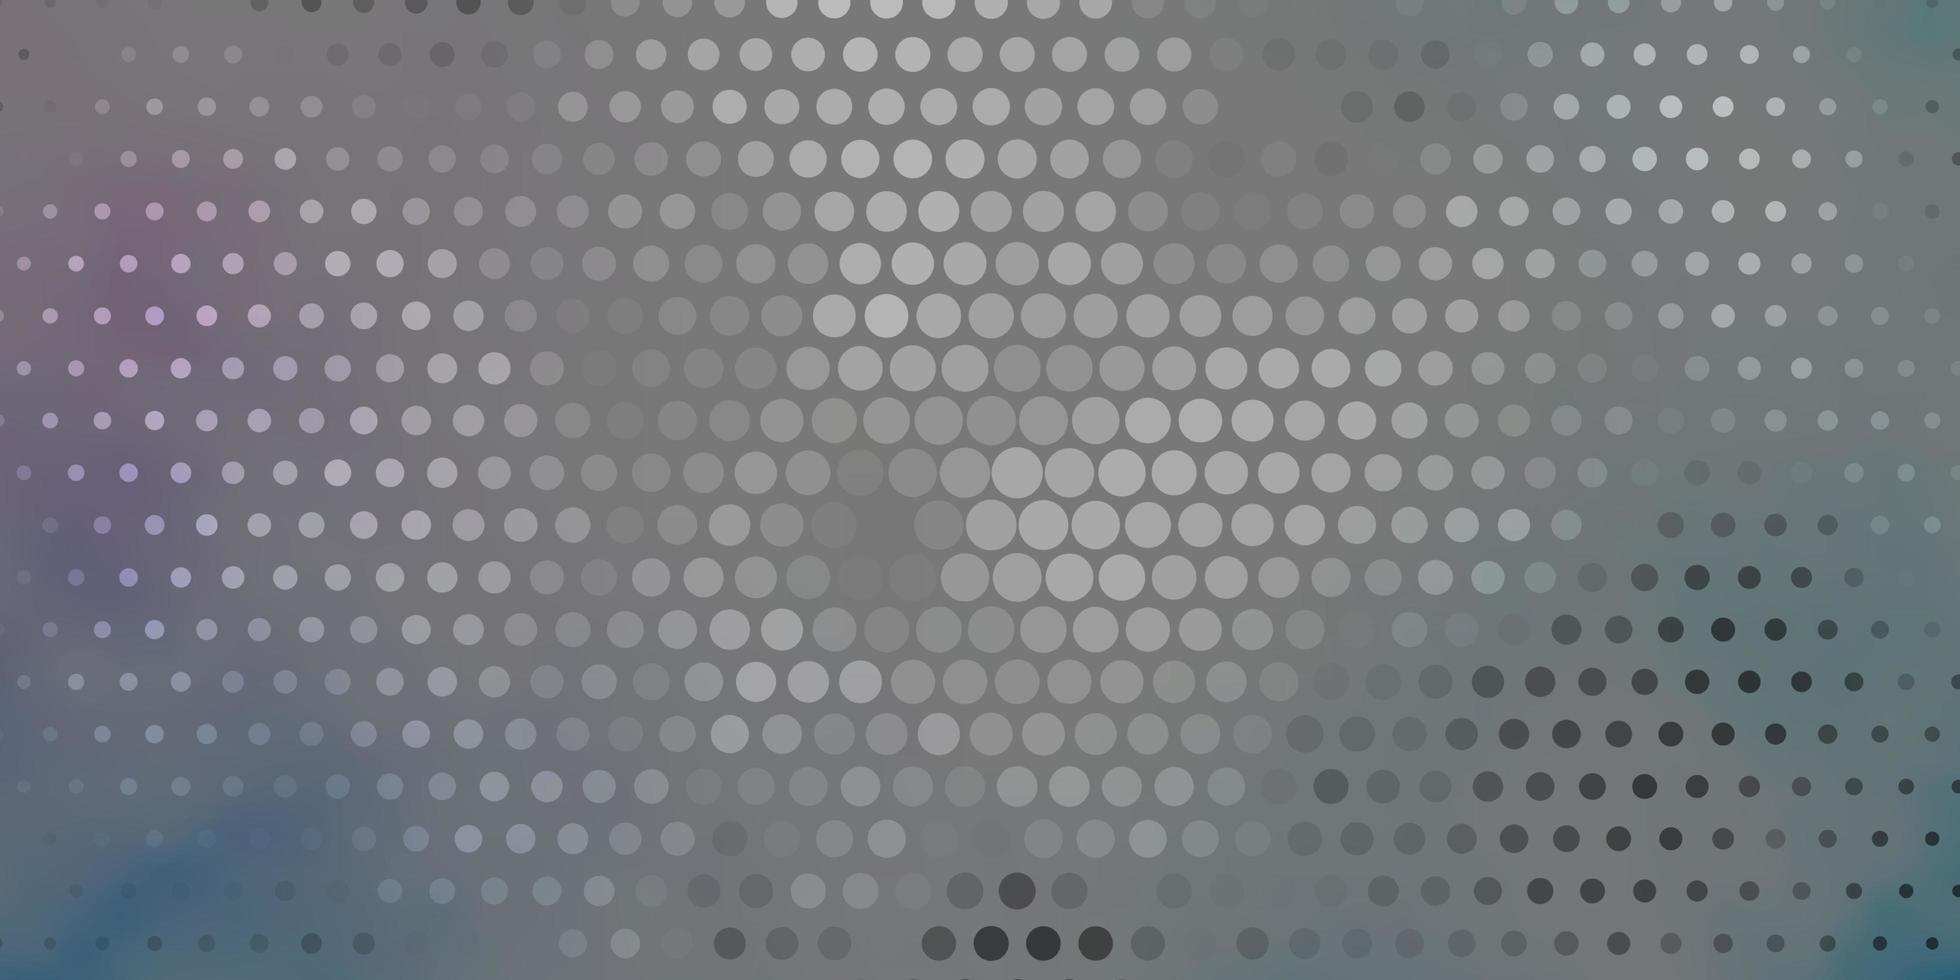 padrão cinza, rosa e azul com círculos. vetor